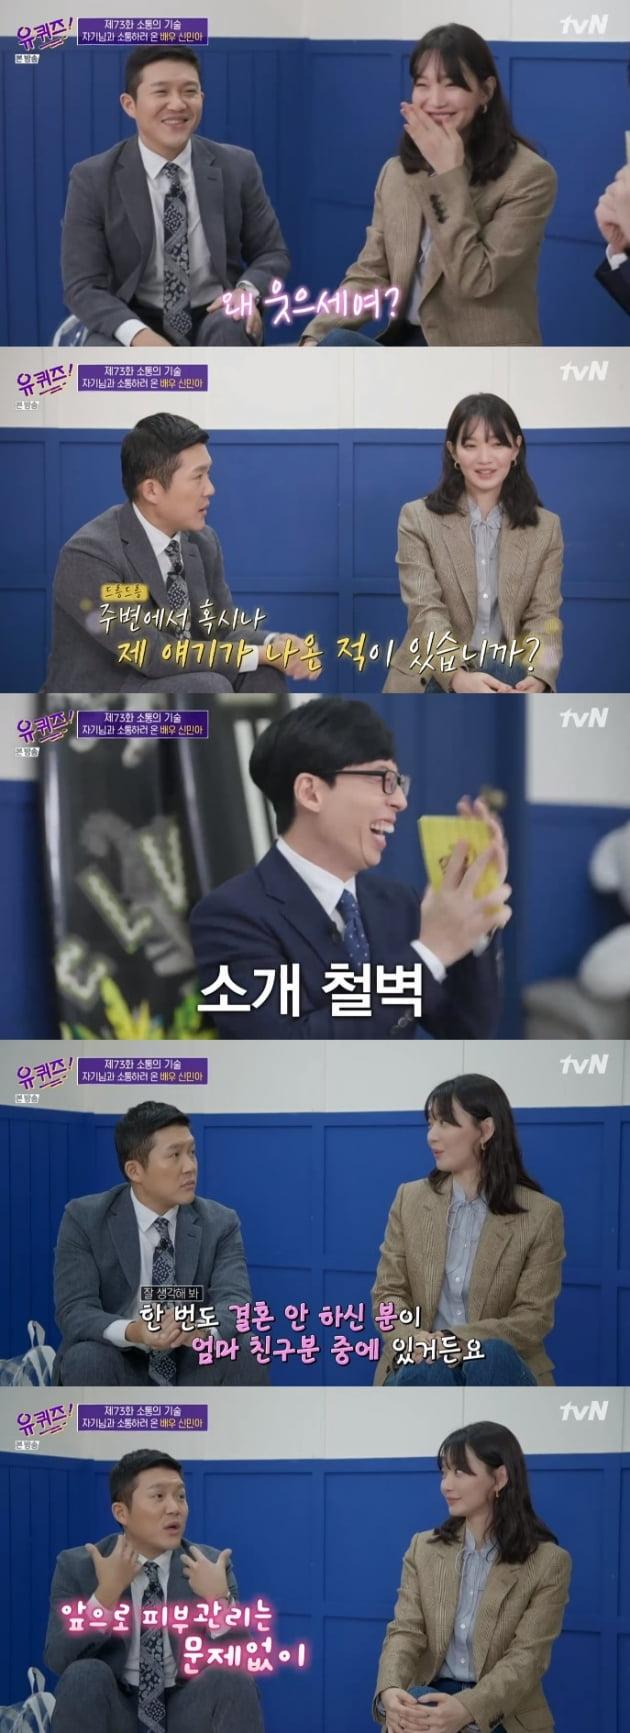 '유 퀴즈'에 출연한 배우 신민아/ 사진=tvN 캡처